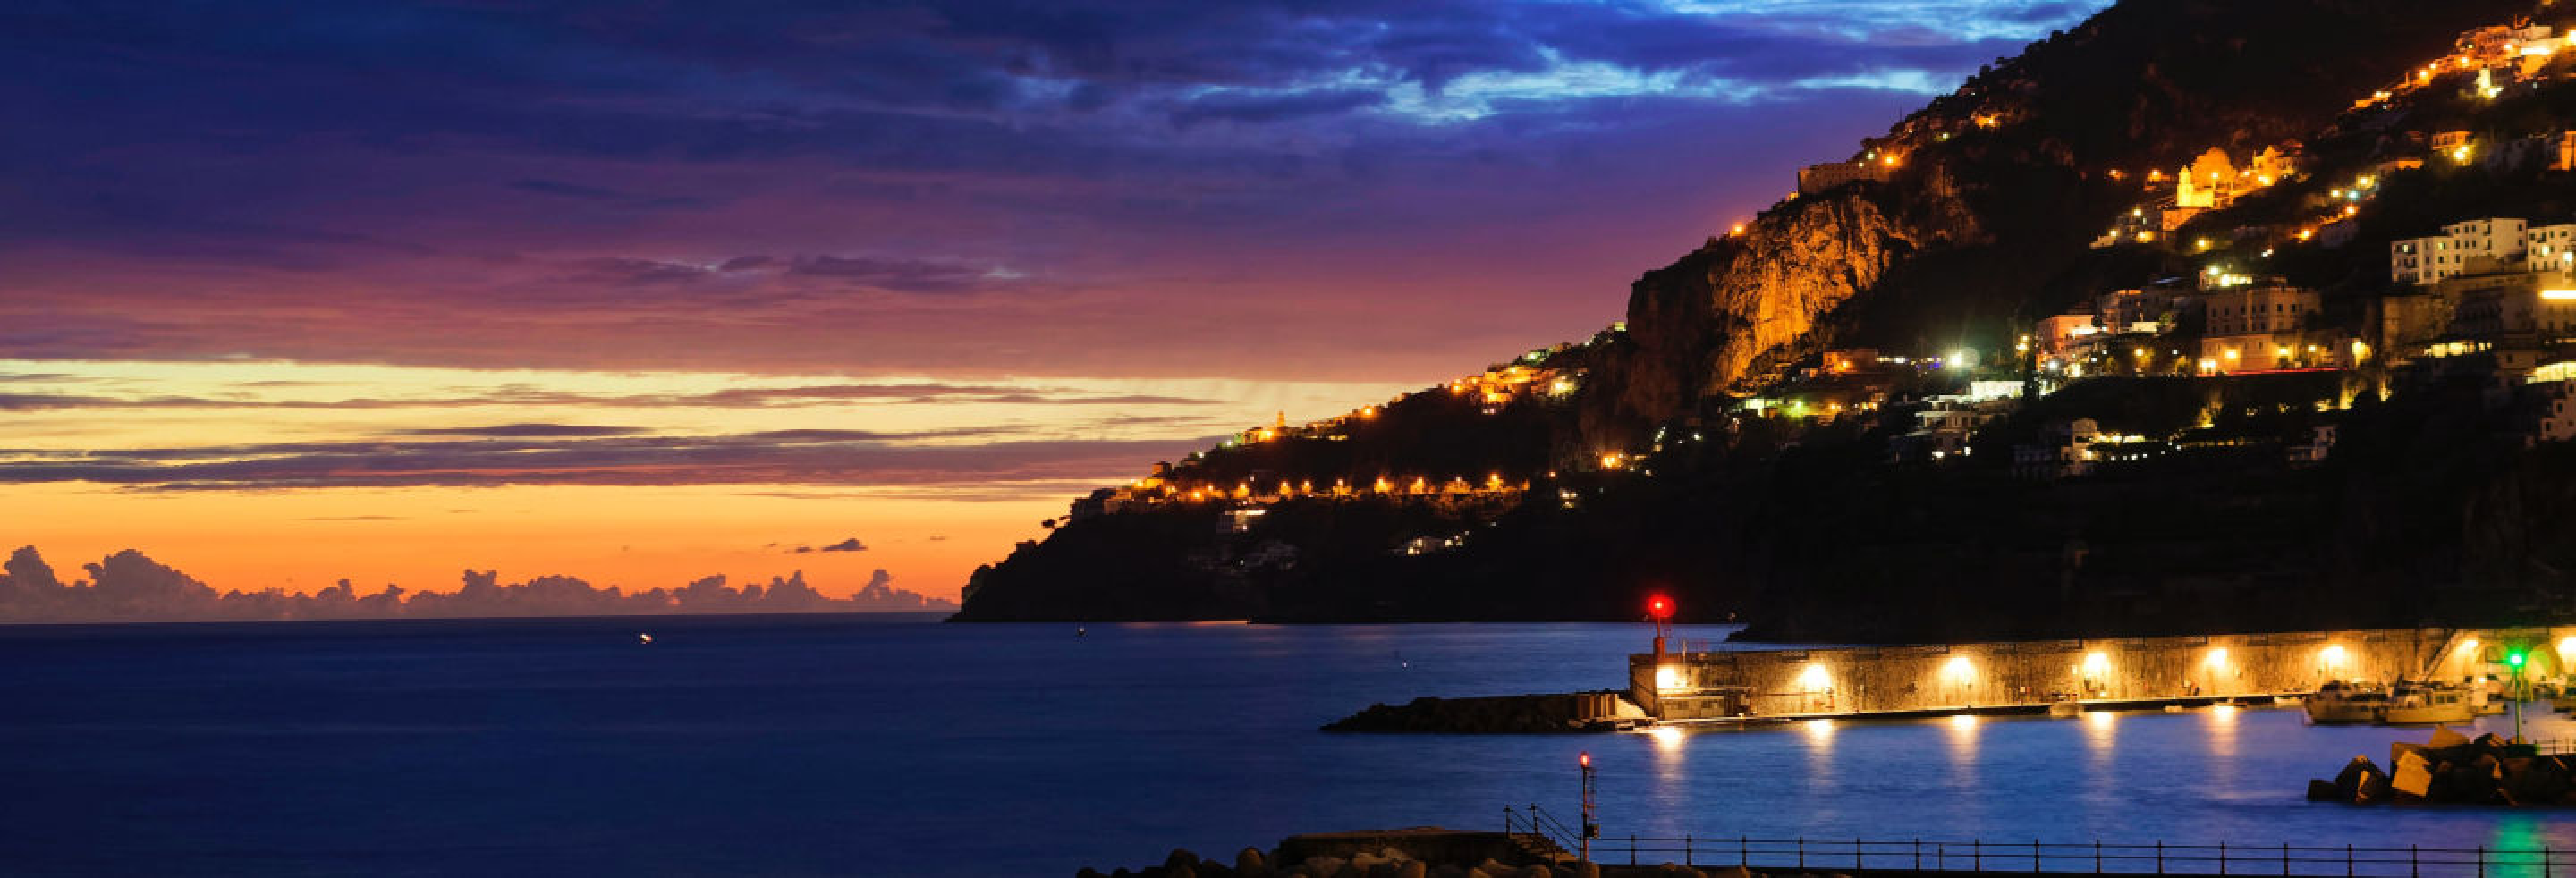 Escursione in Costiera Amalfitana